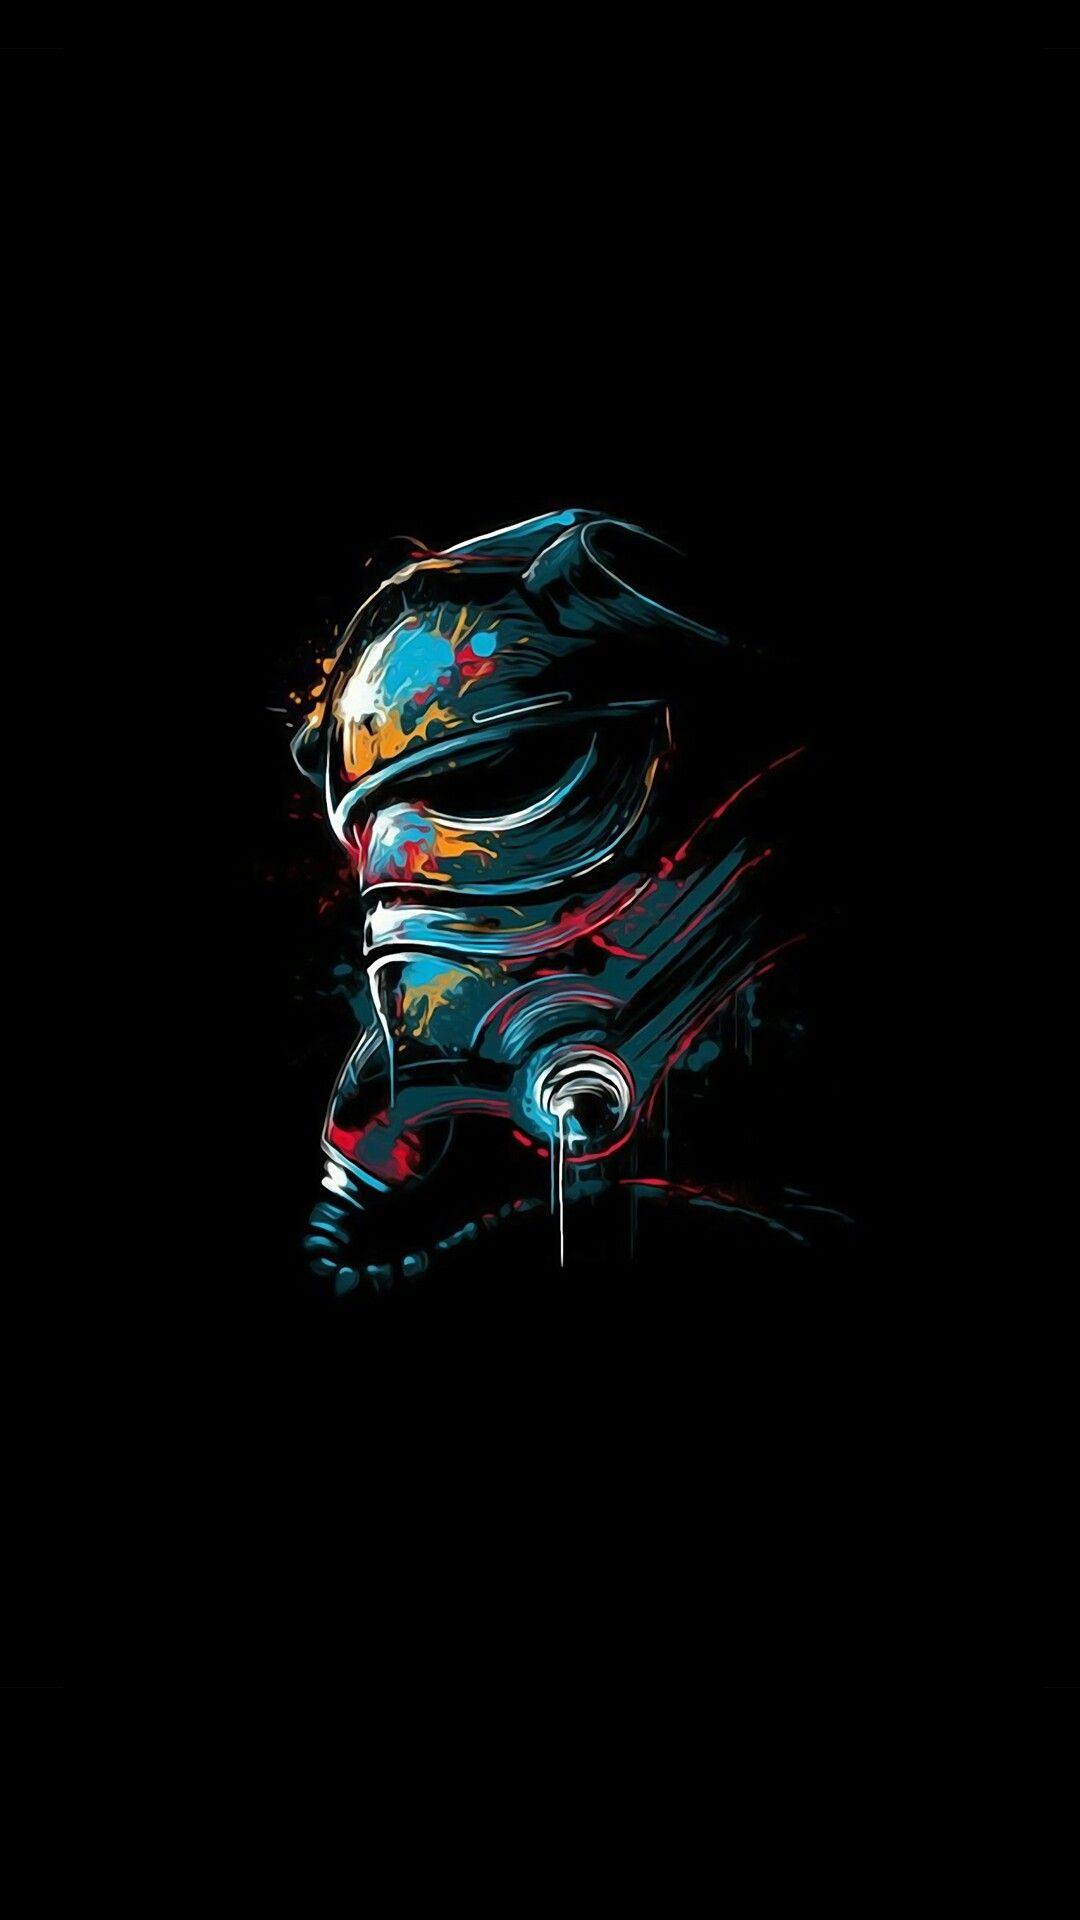 W White Star Wars Background Star Wars Art Star Wars Wallpaper